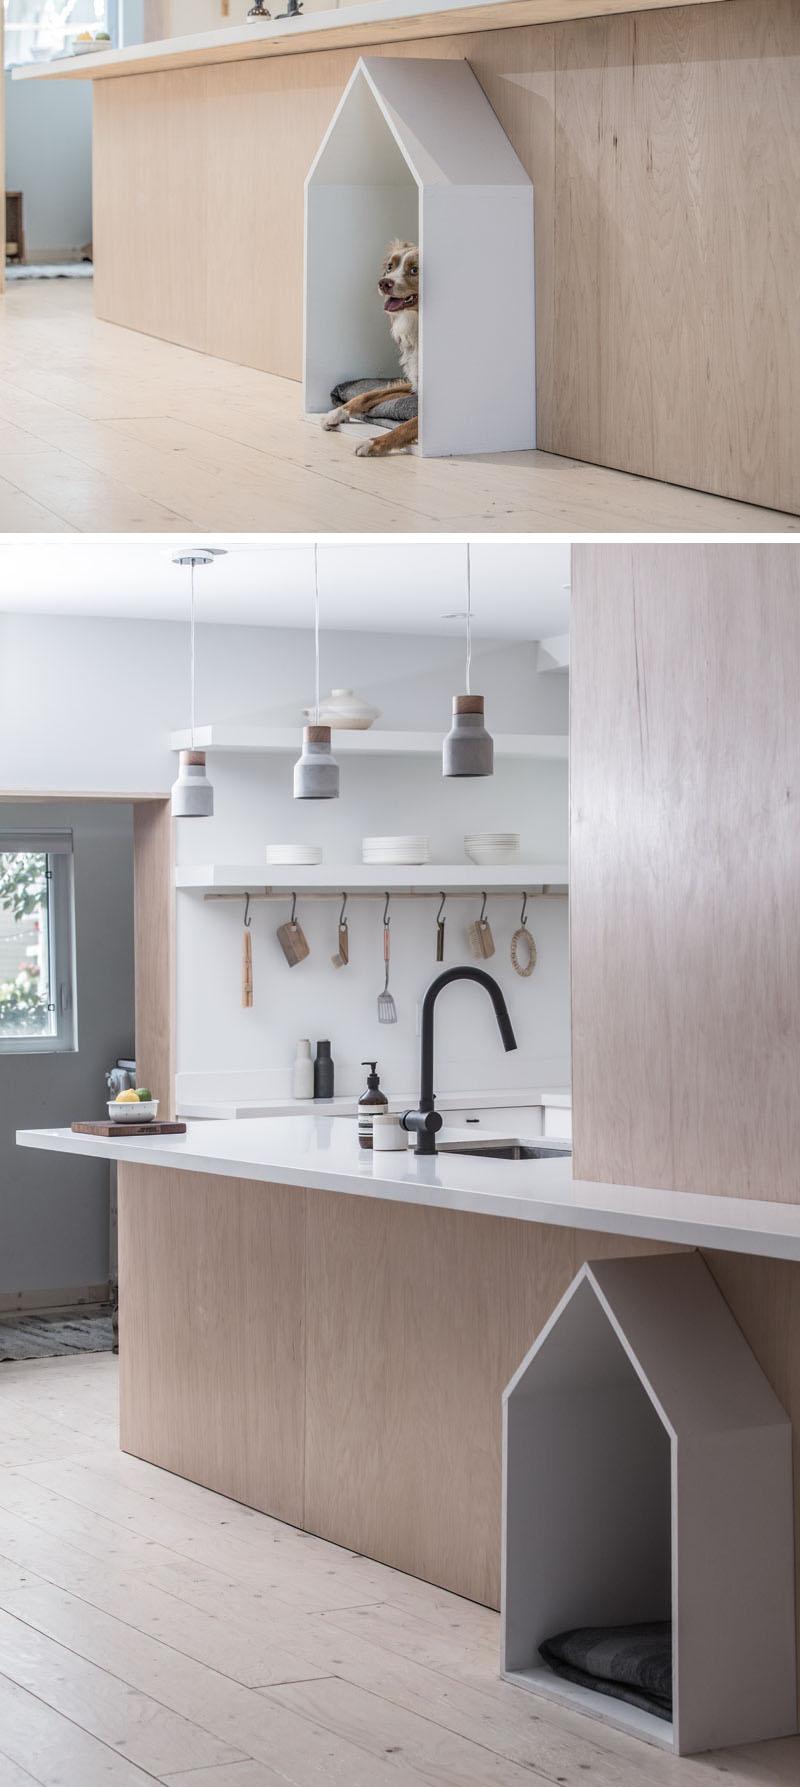 Novi kuhinjski blok sa jednim neobičnim dodatkom